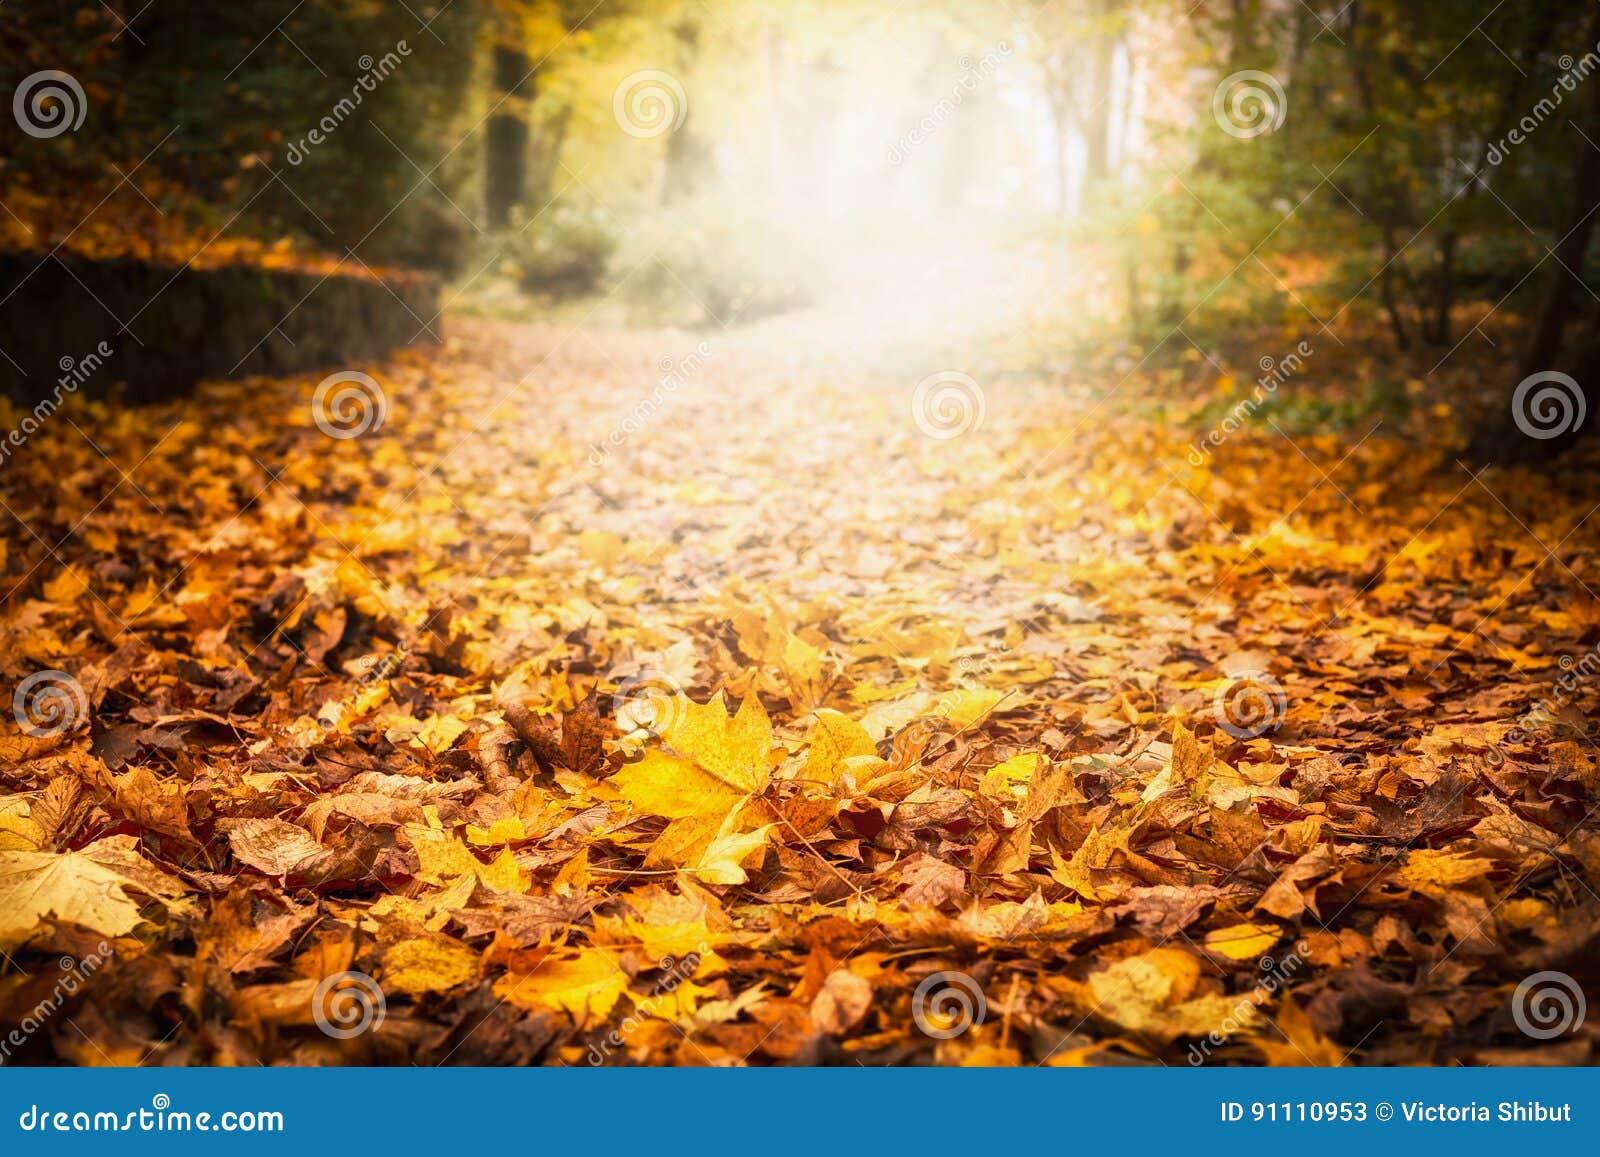 Les ordures de feuille d automne dans le jardin ou le parc, tombent fond extérieur de nature avec les feuilles tombées colorées